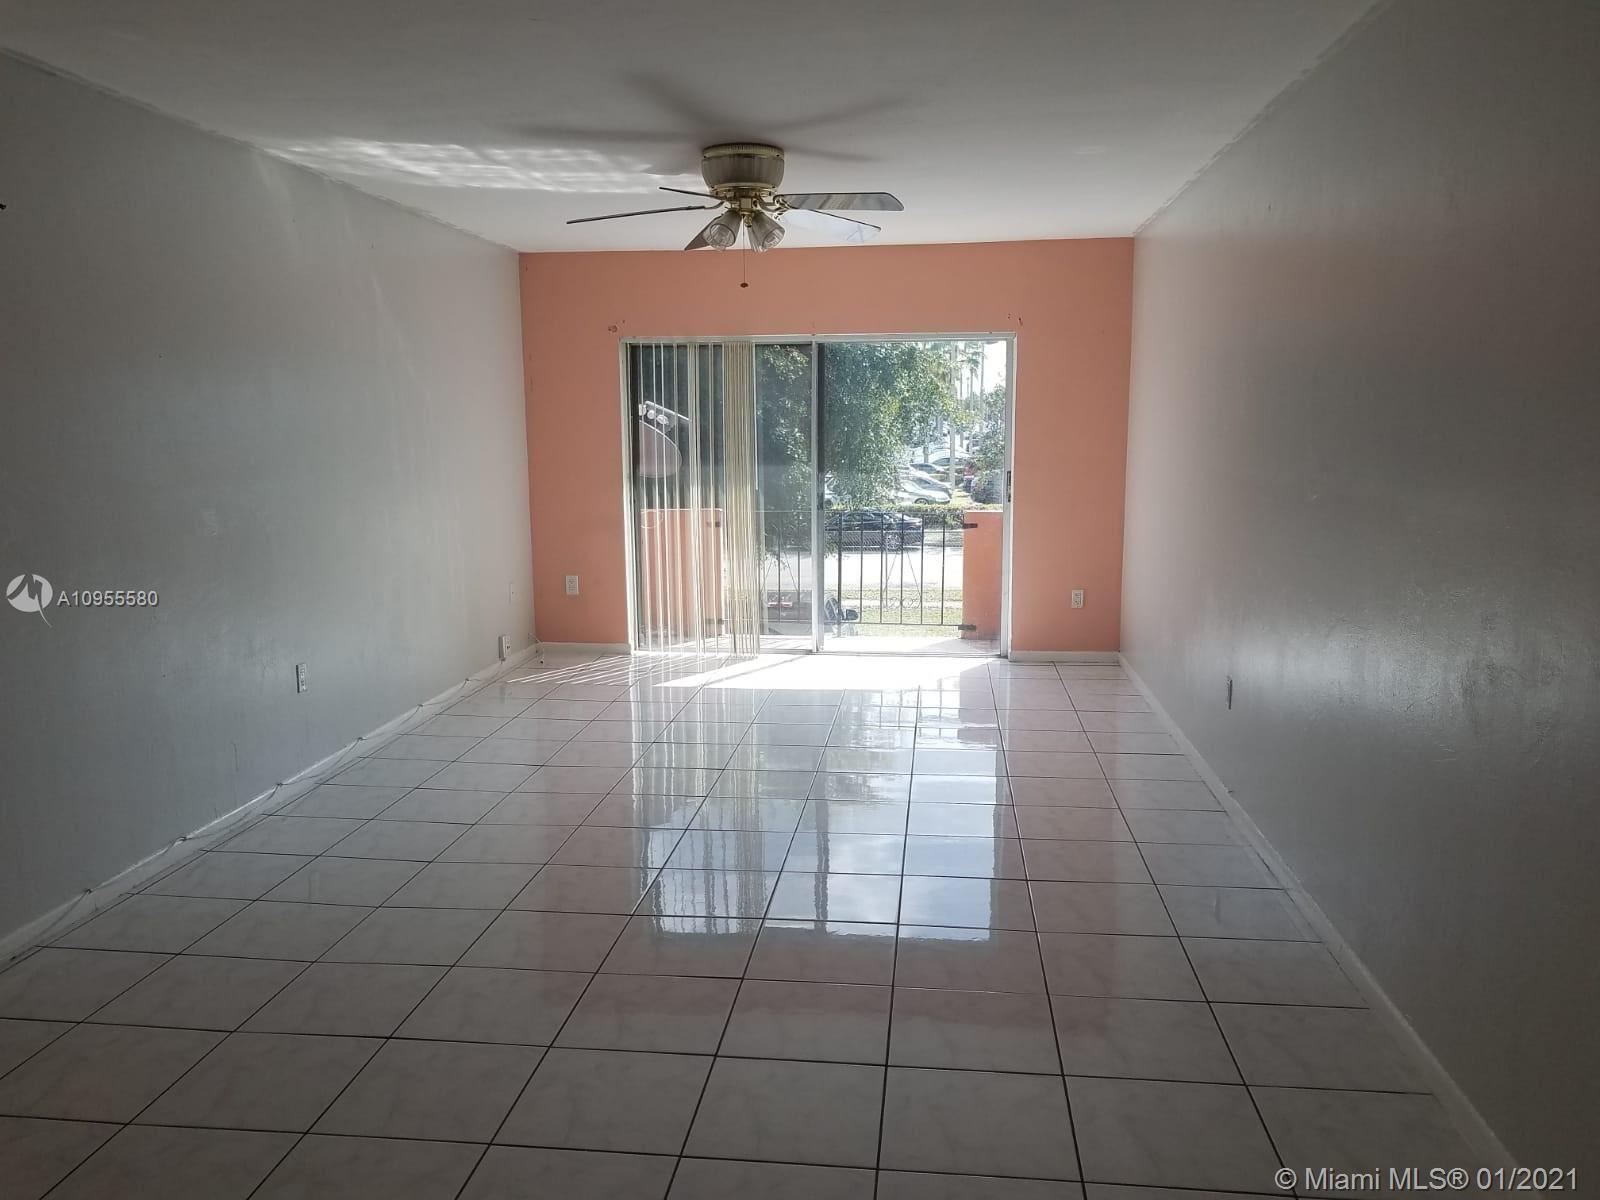 17101 NW 57th Ave #204, Miami Gardens, FL 33055 - #: A10955580